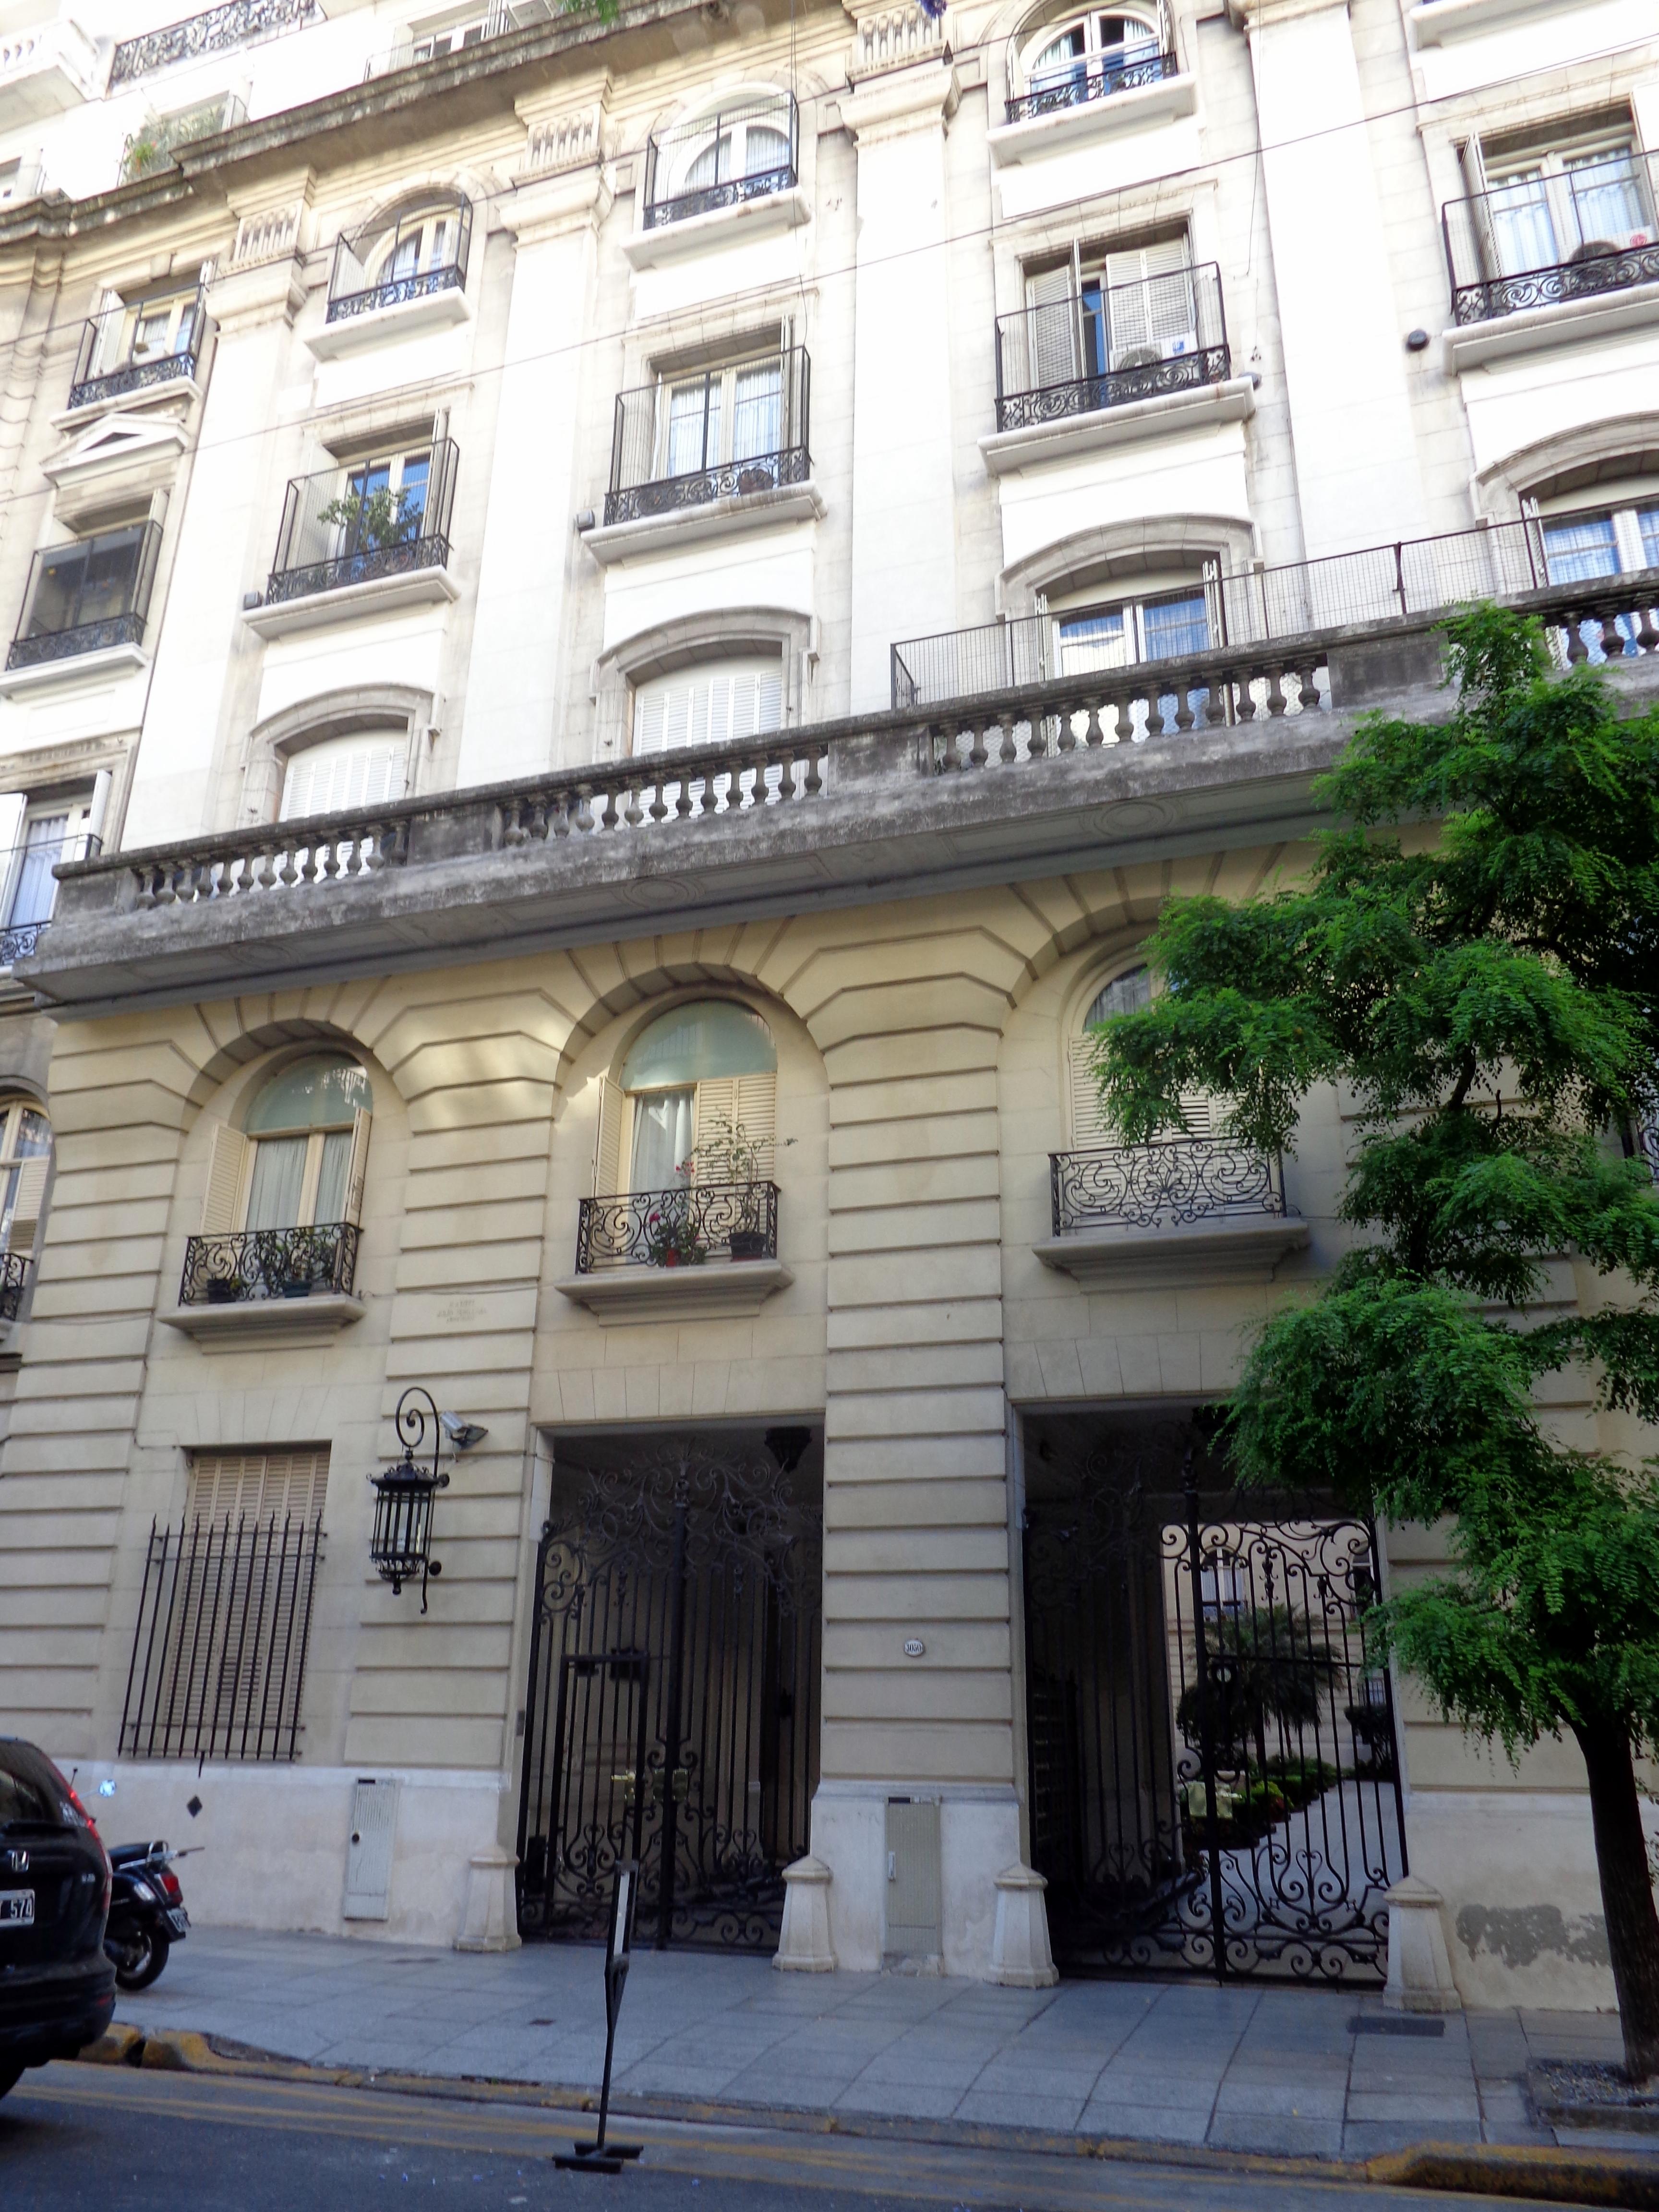 Depiction of Palacio de los Patos